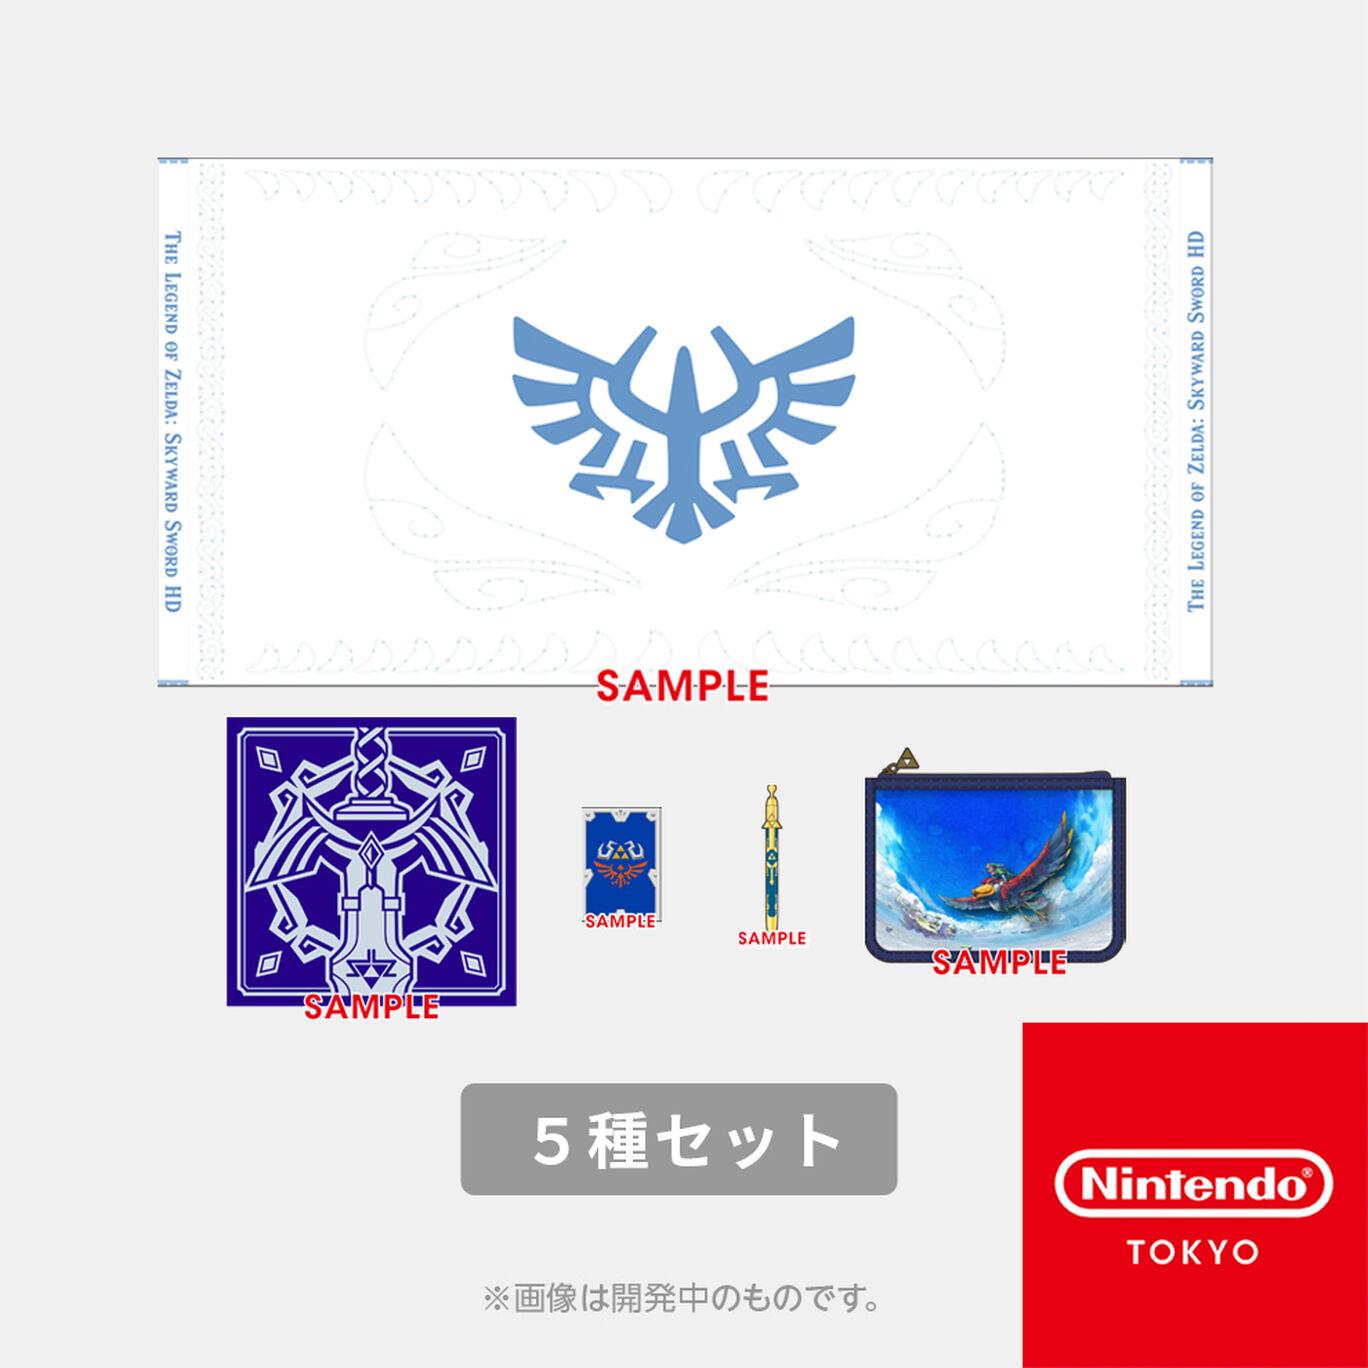 【新商品】グッズ5種セット ゼルダの伝説 スカイウォードソード HD【Nintendo TOKYO取り扱い商品】